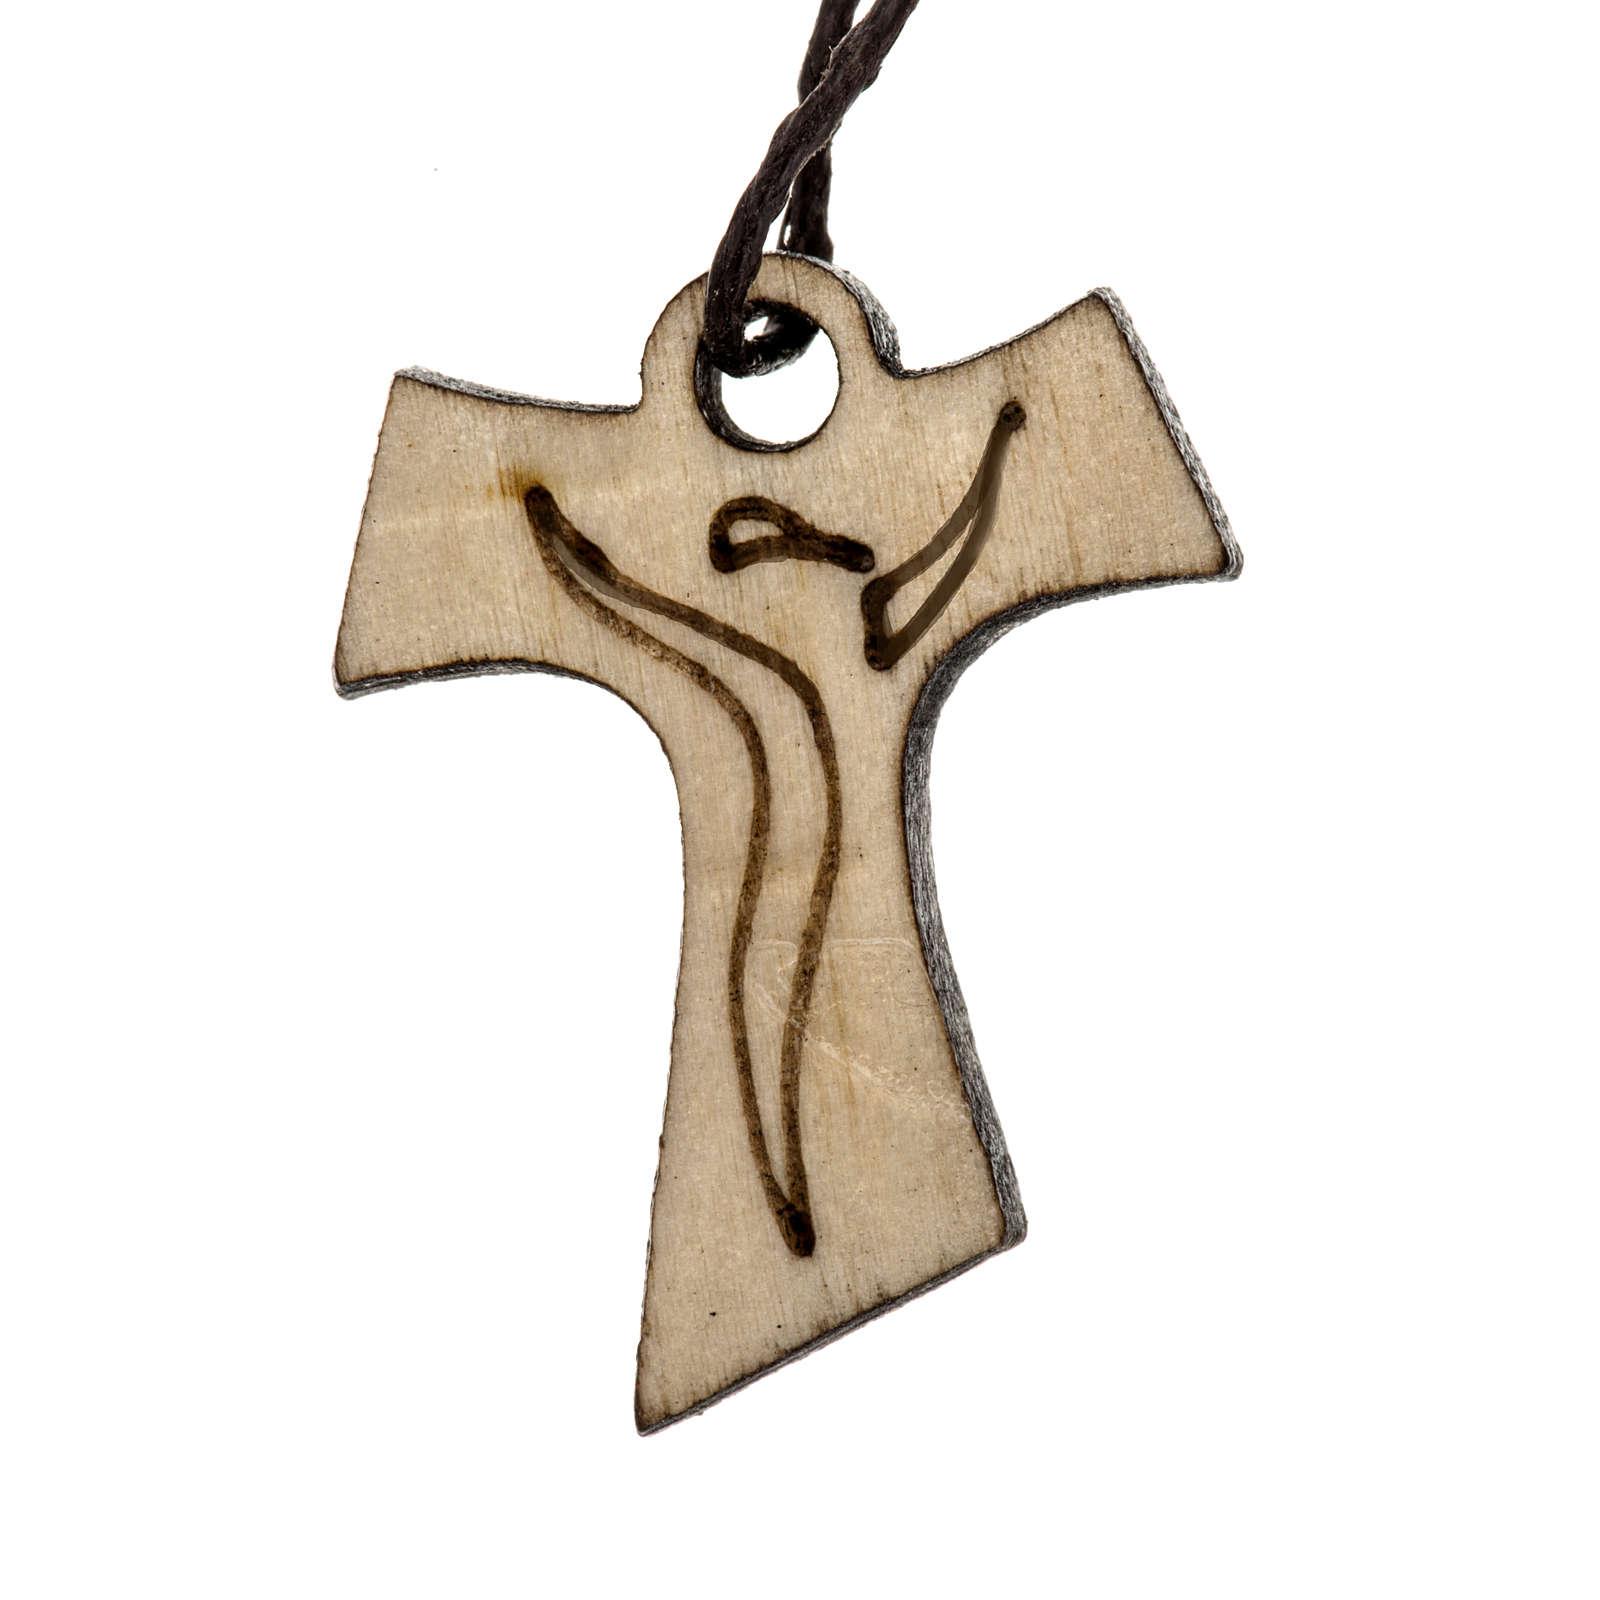 Holzkreuz für Erstkommunion in Tau-Form 3,3x2,4 cm 4